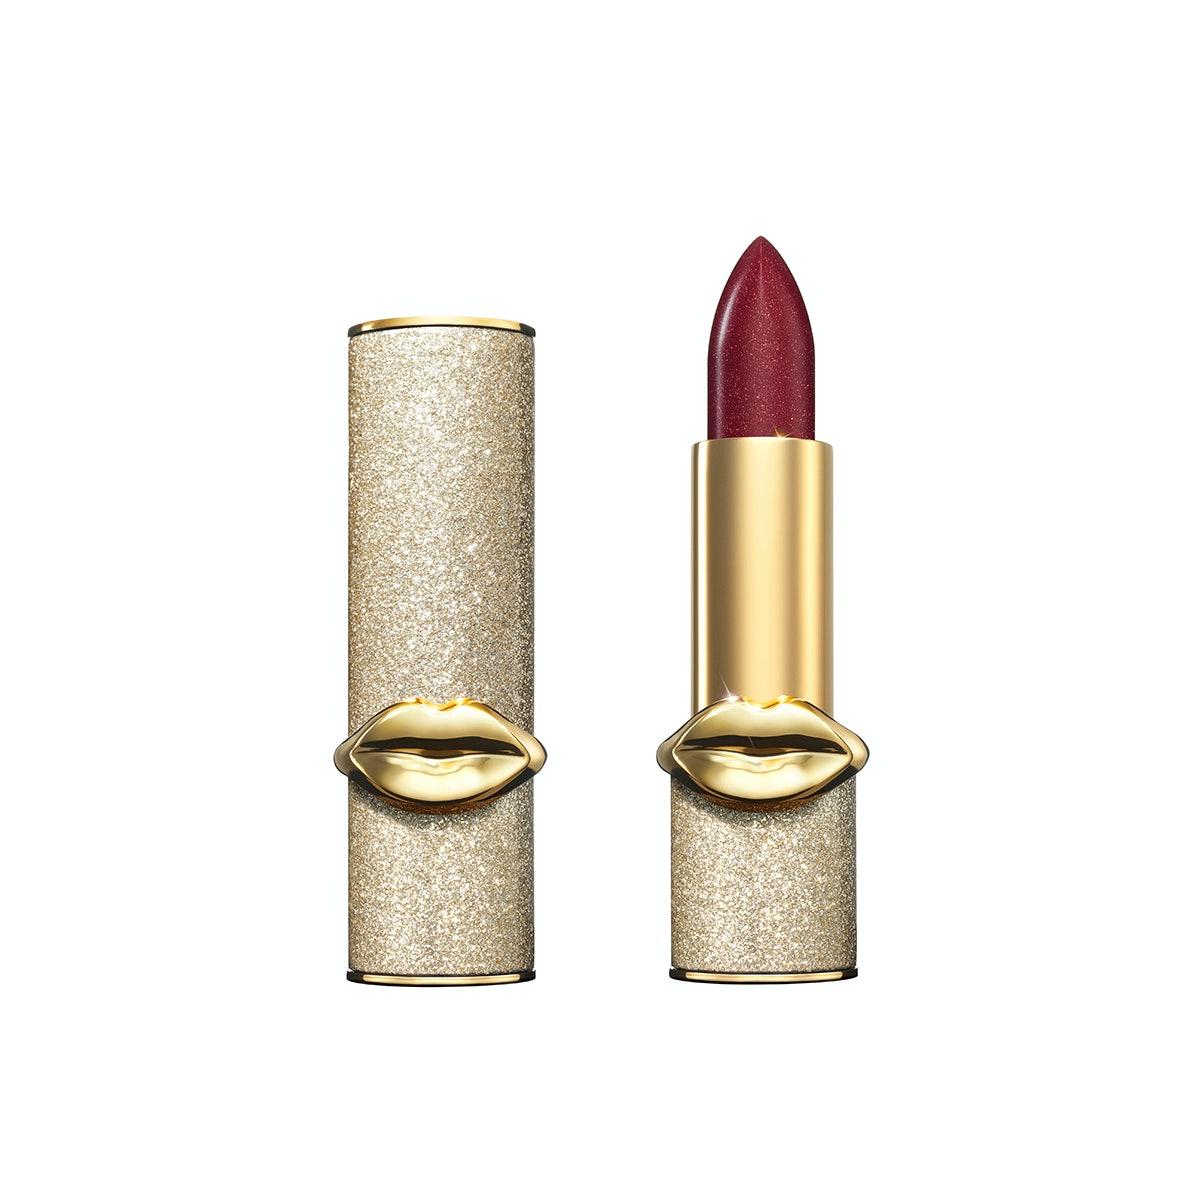 BLITZTRANCE™ Lipstick in Love Train